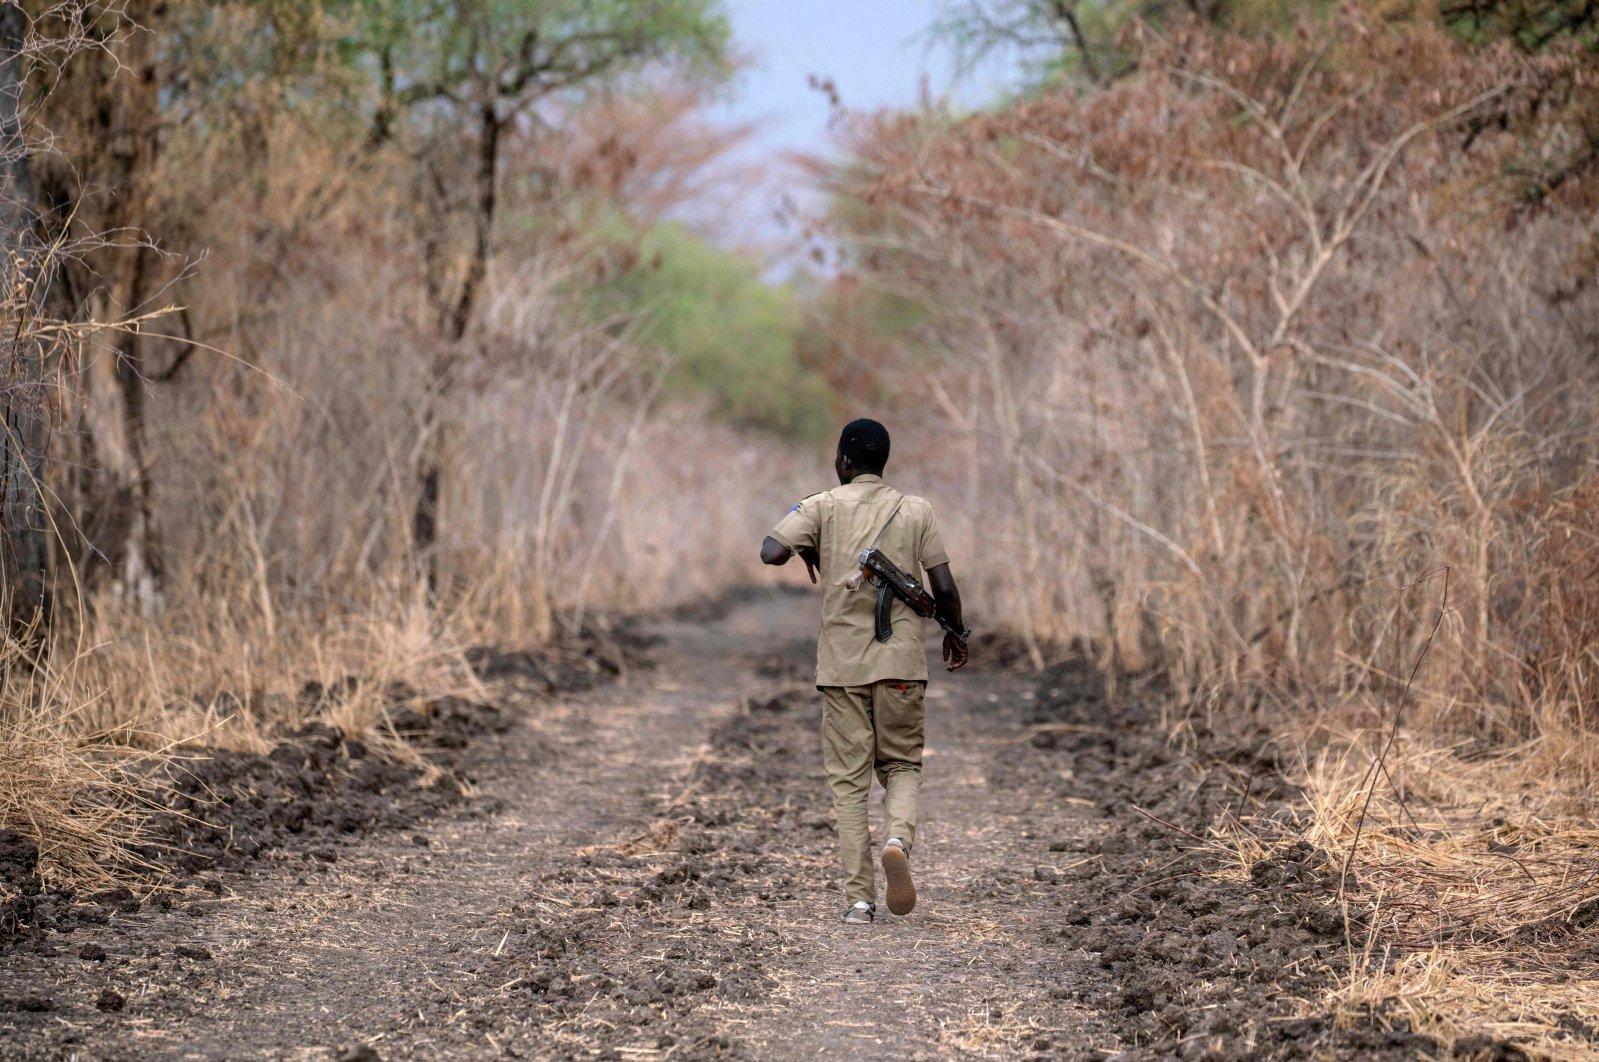 A ranger patrols Dinder National Park, about 400 kilometers (248 miles) southeast of the capital, Khartoum, Sudan, April 7, 2021. (AFP Photo)